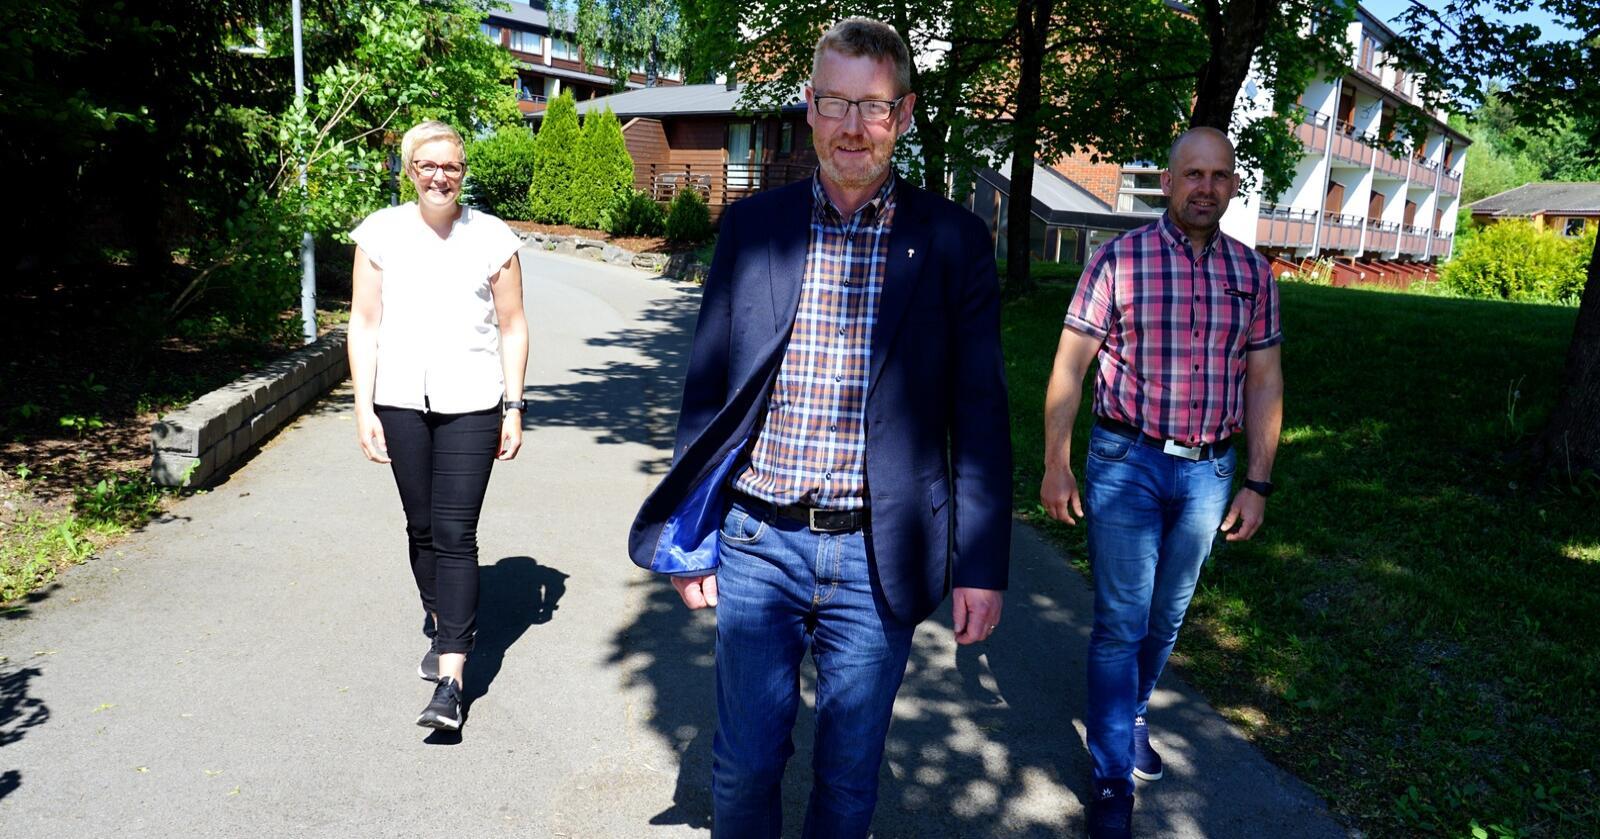 Luktet lunta: Bjørn Gimming og resten av styret i Norges Bondelag så hvor det bar - og droppet representantskapets forslag. Foto: Lars Bilit Hagen